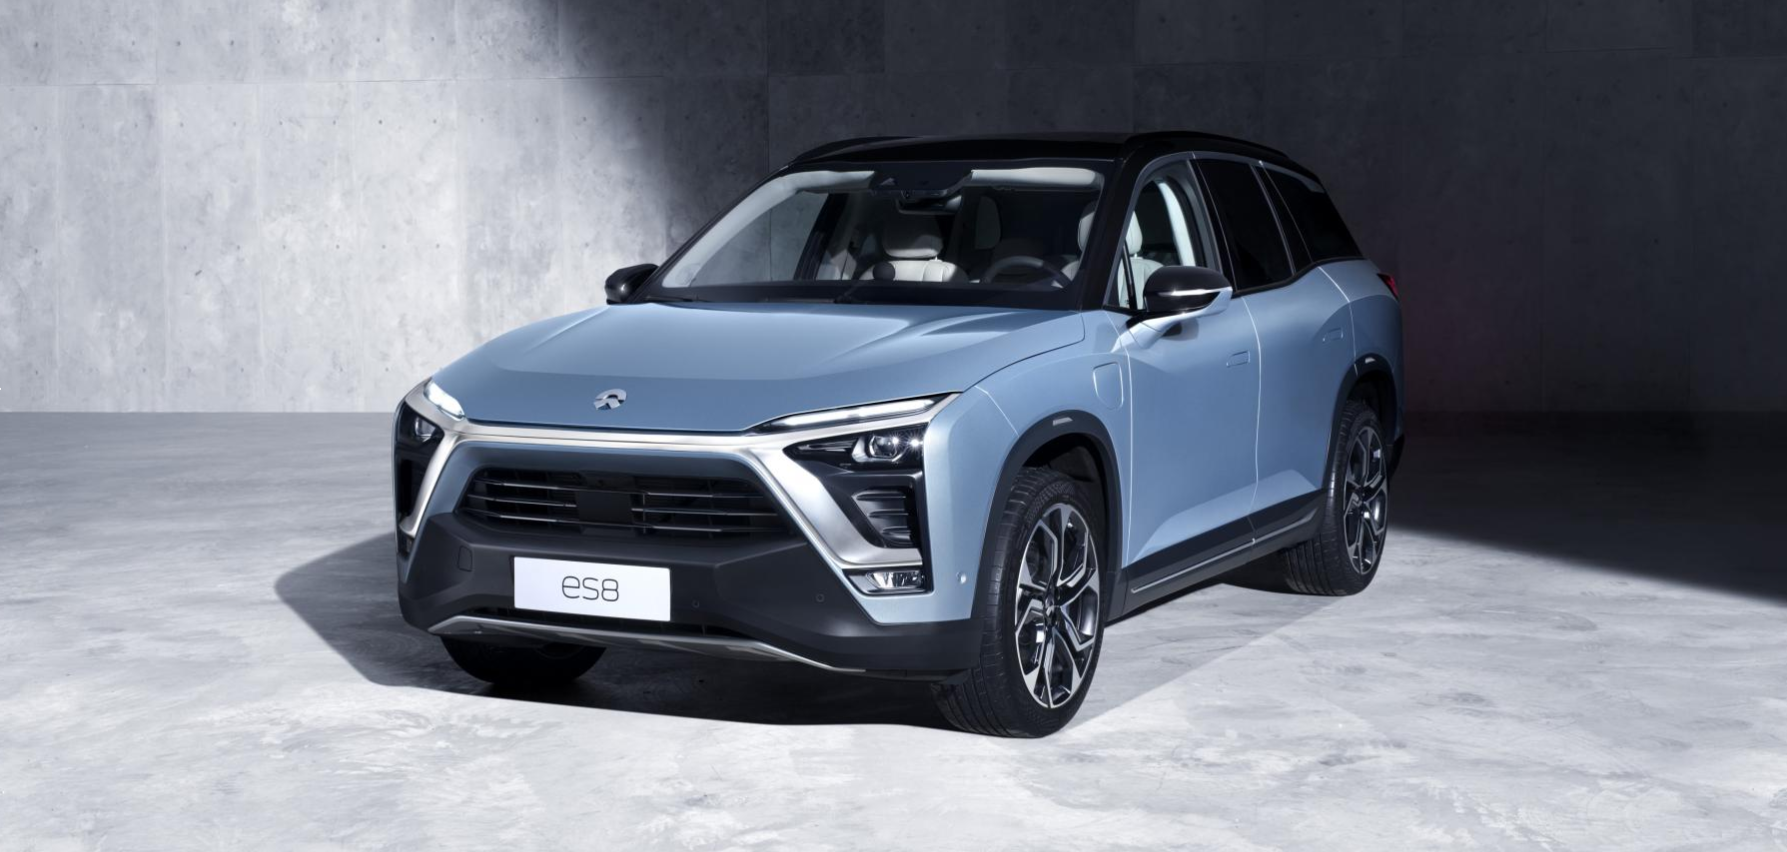 Программа КНР «Автомобили с новыми источниками энергии». Чего ожидать в 2019-м году - 1